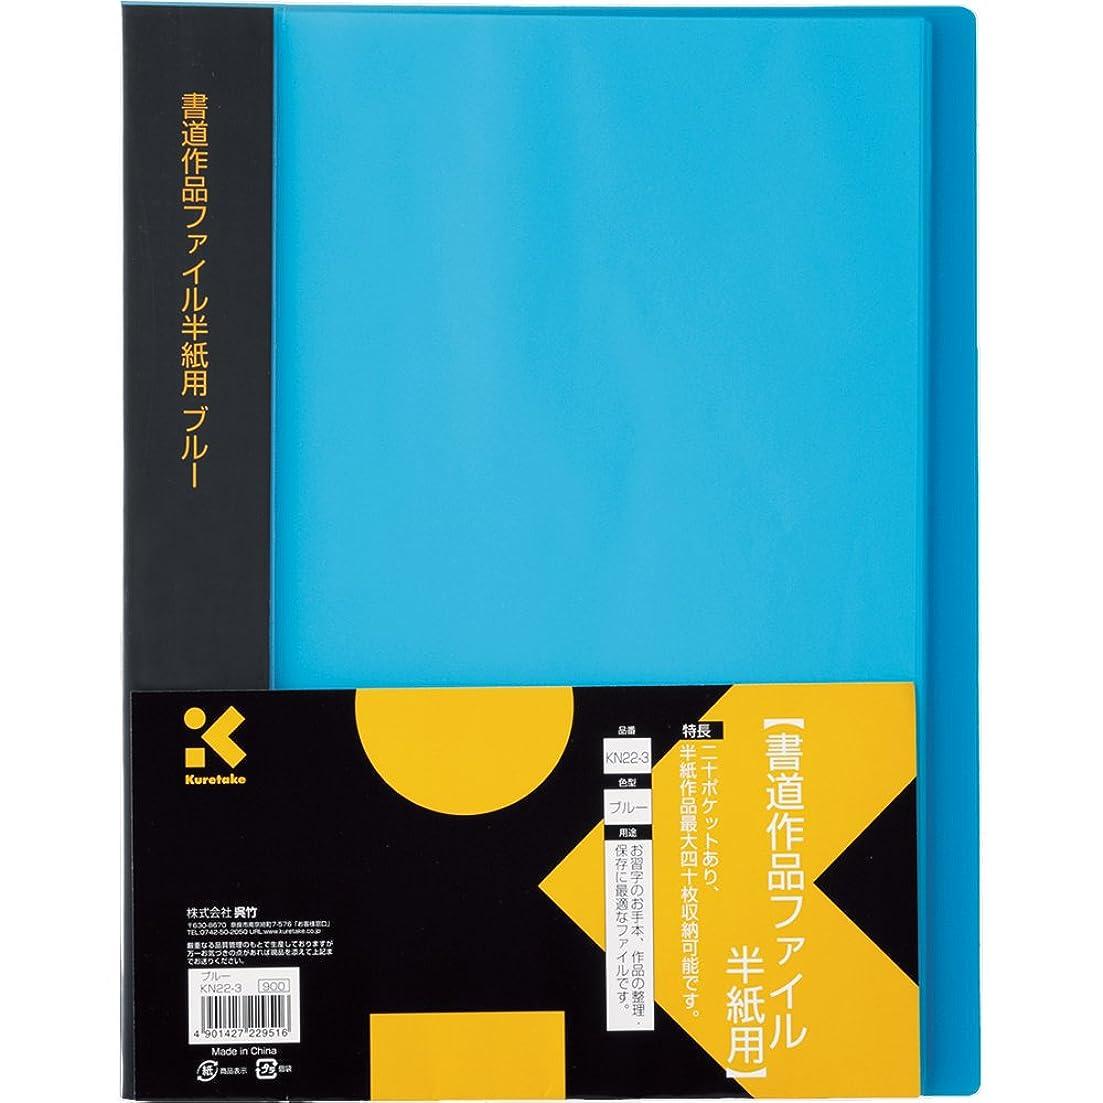 呉竹 ファイル 書道用 作品ファイル 半紙用 ブルー KN22-3